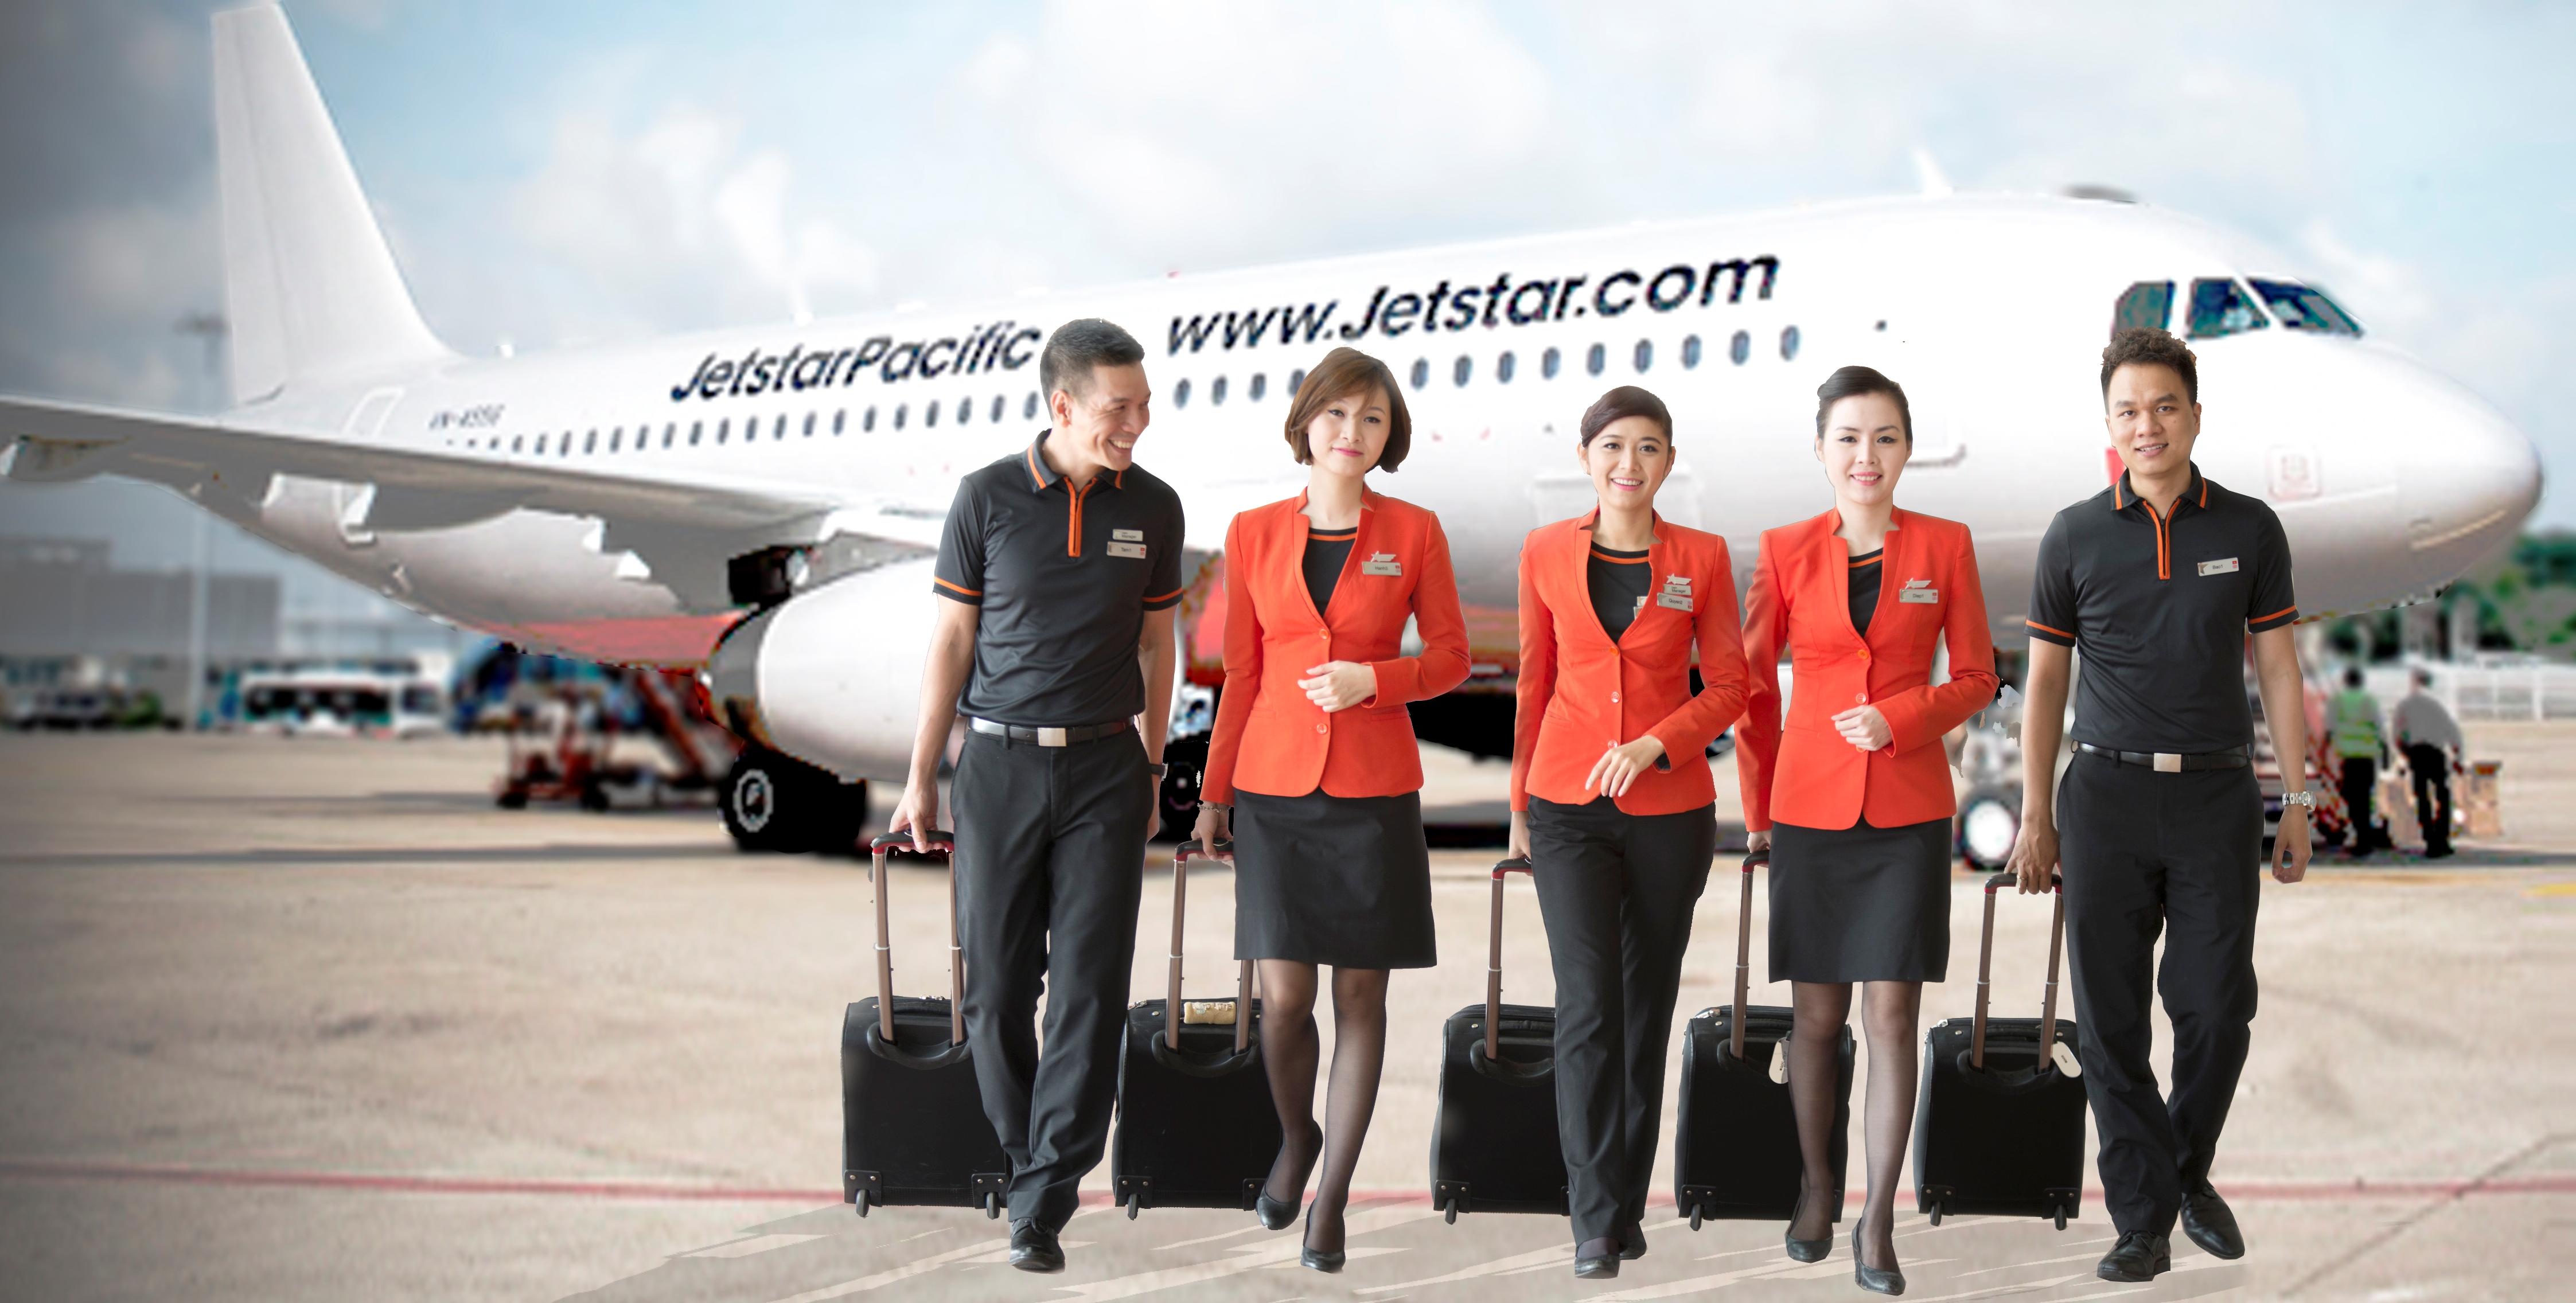 Jestar Pacific sẽ đổi tên thành Pacific Airlines